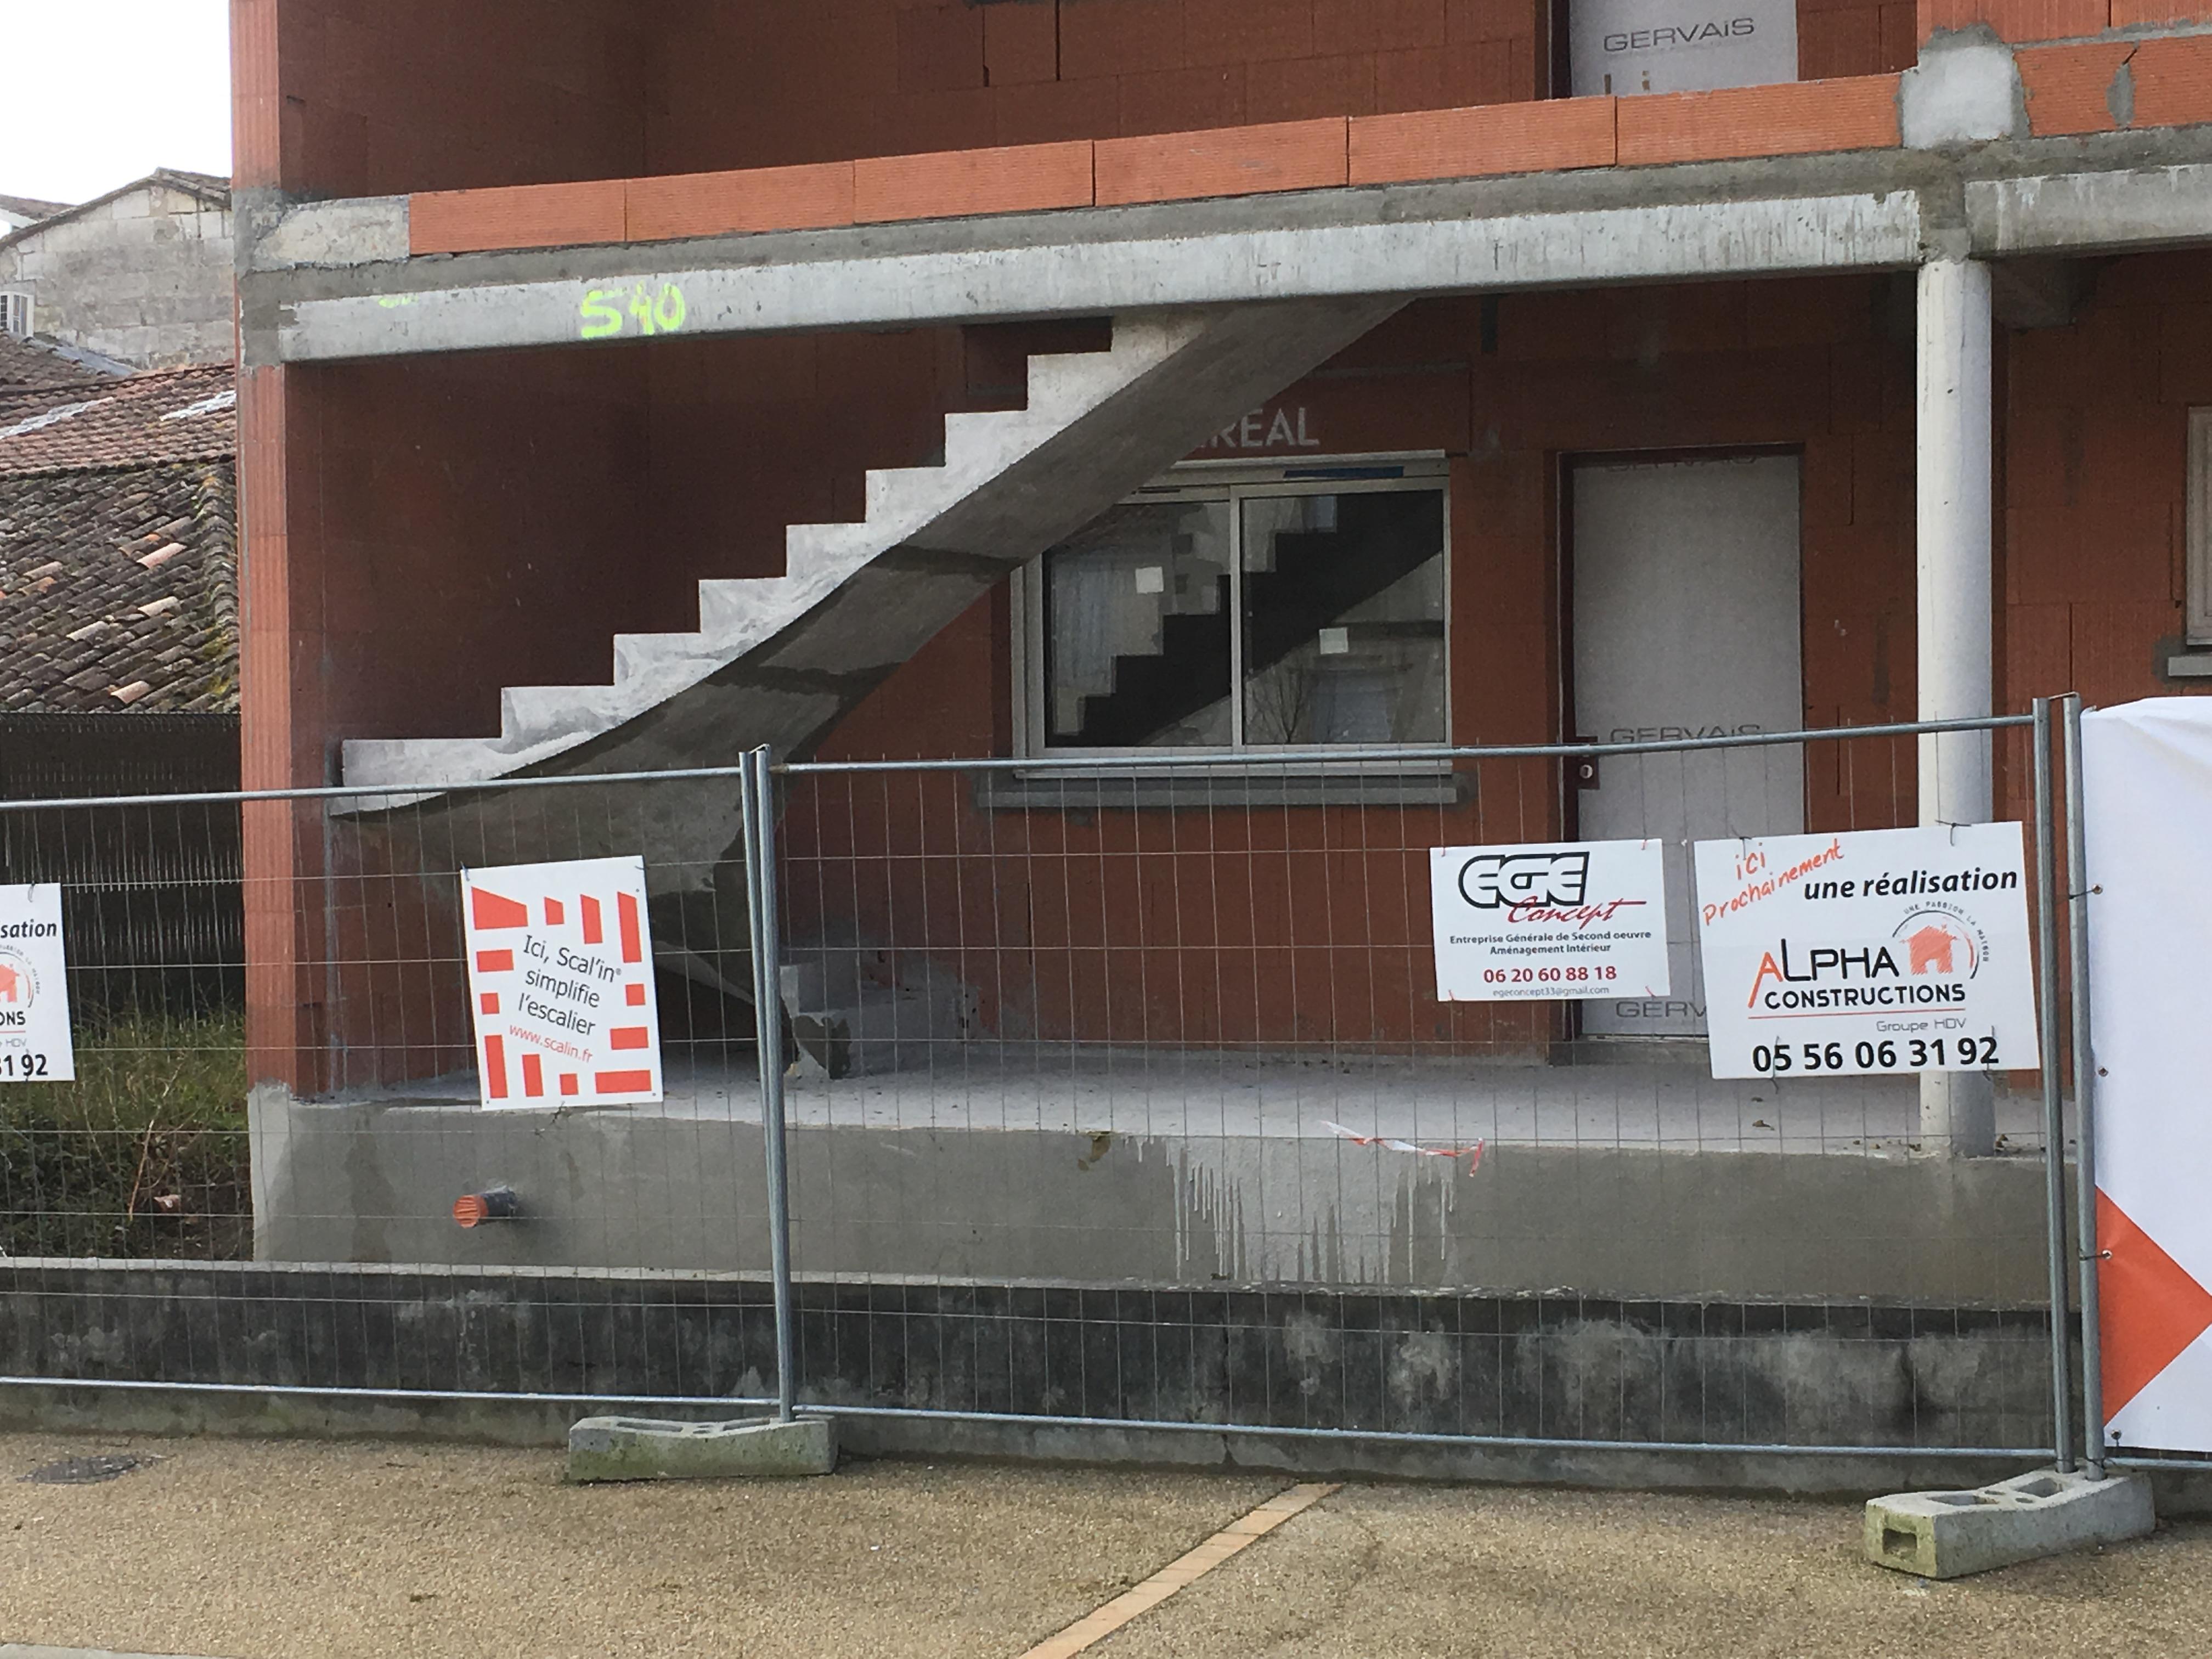 remarquable escalier à paillasse deux quart tournant en béton brut de décoffrage  à Bordeaux en Aquitaine  pour un constructeur